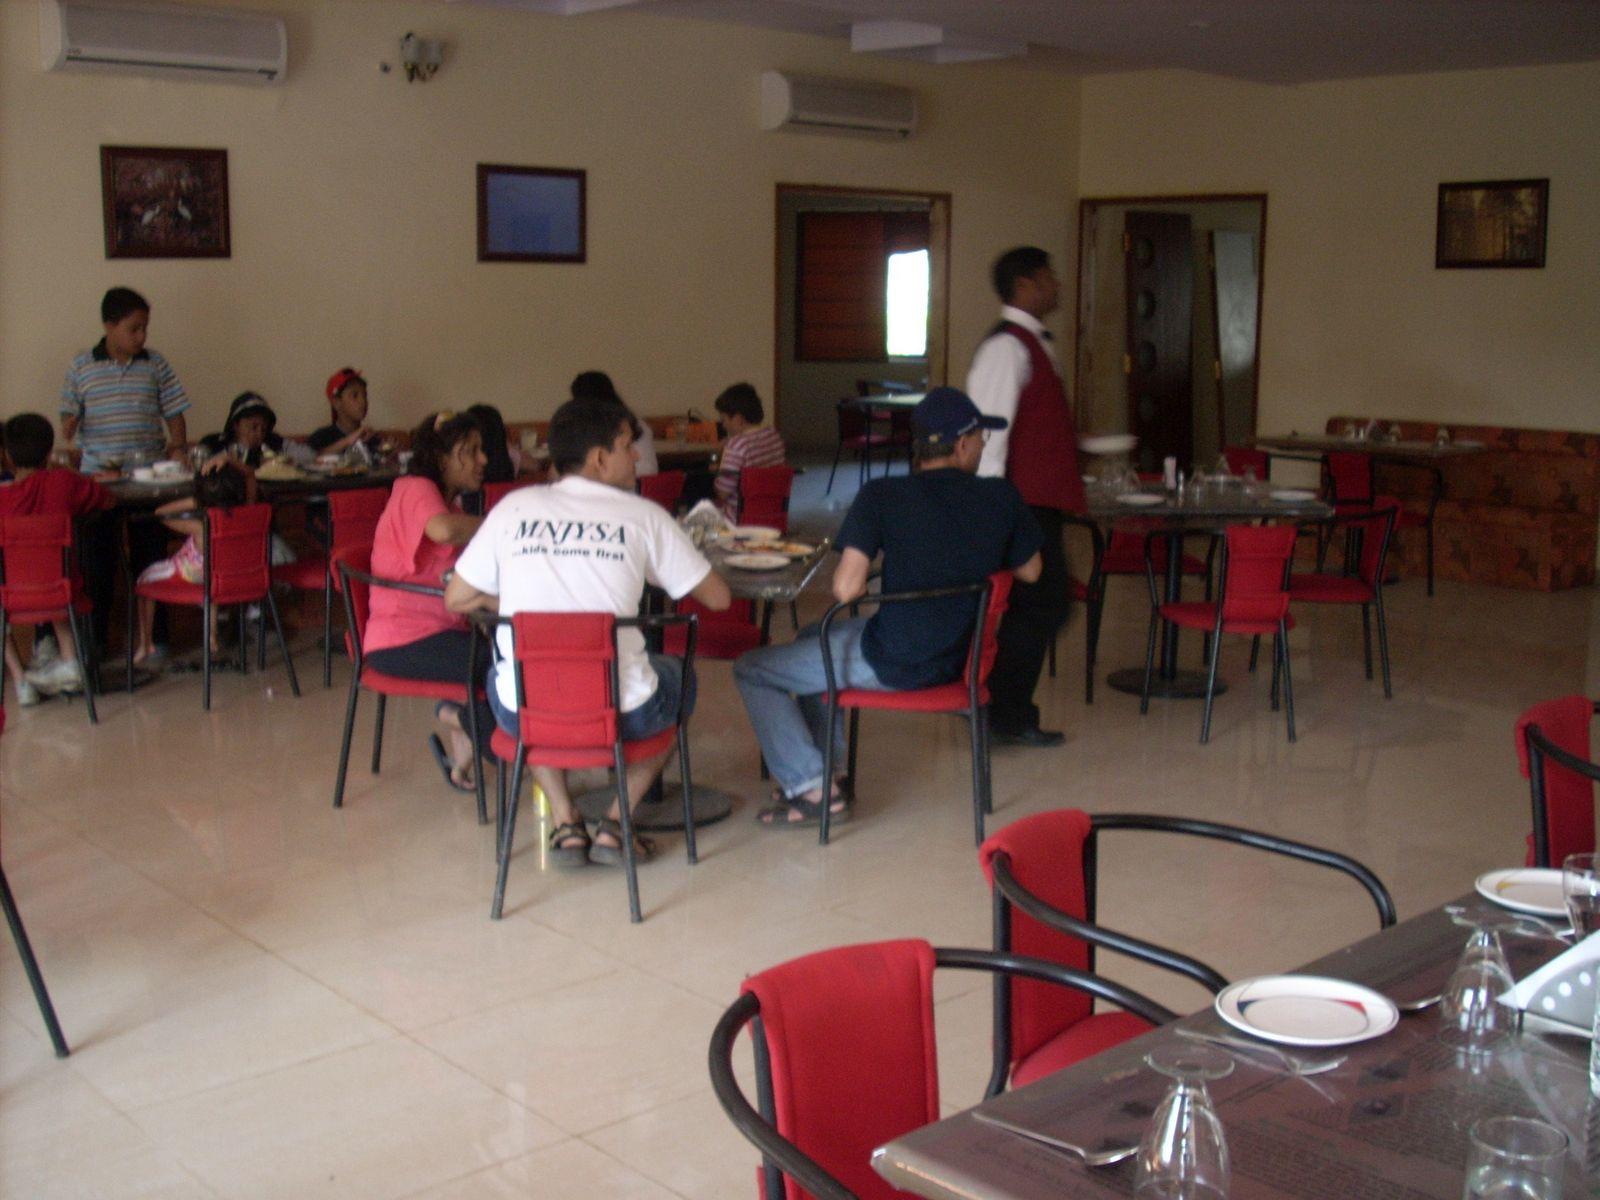 K Star restaurant